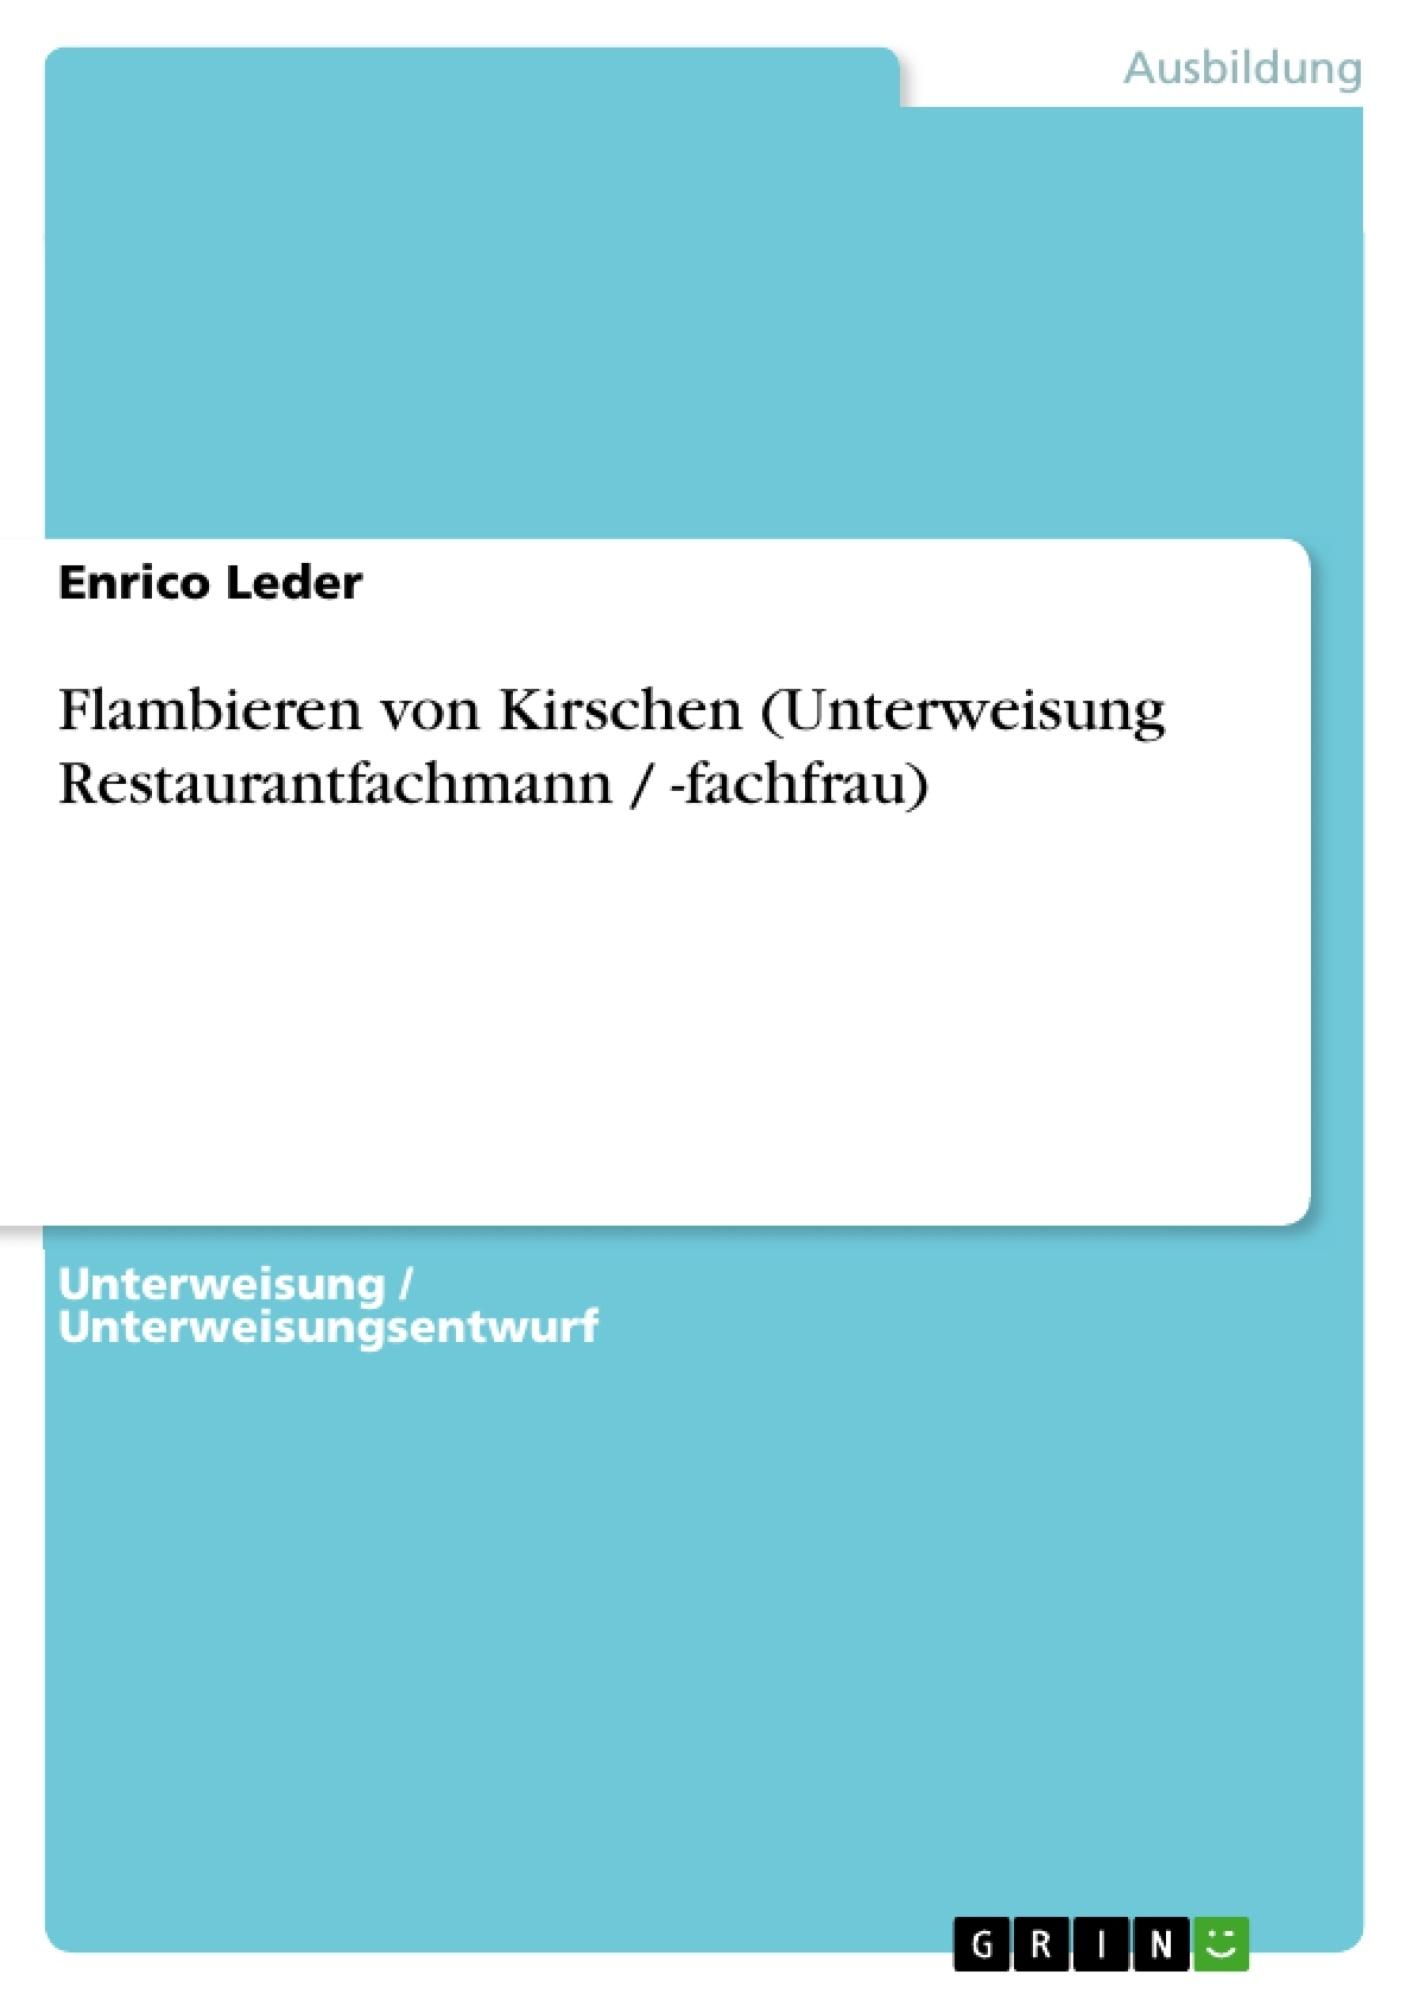 Titel: Flambieren von Kirschen (Unterweisung Restaurantfachmann / -fachfrau)